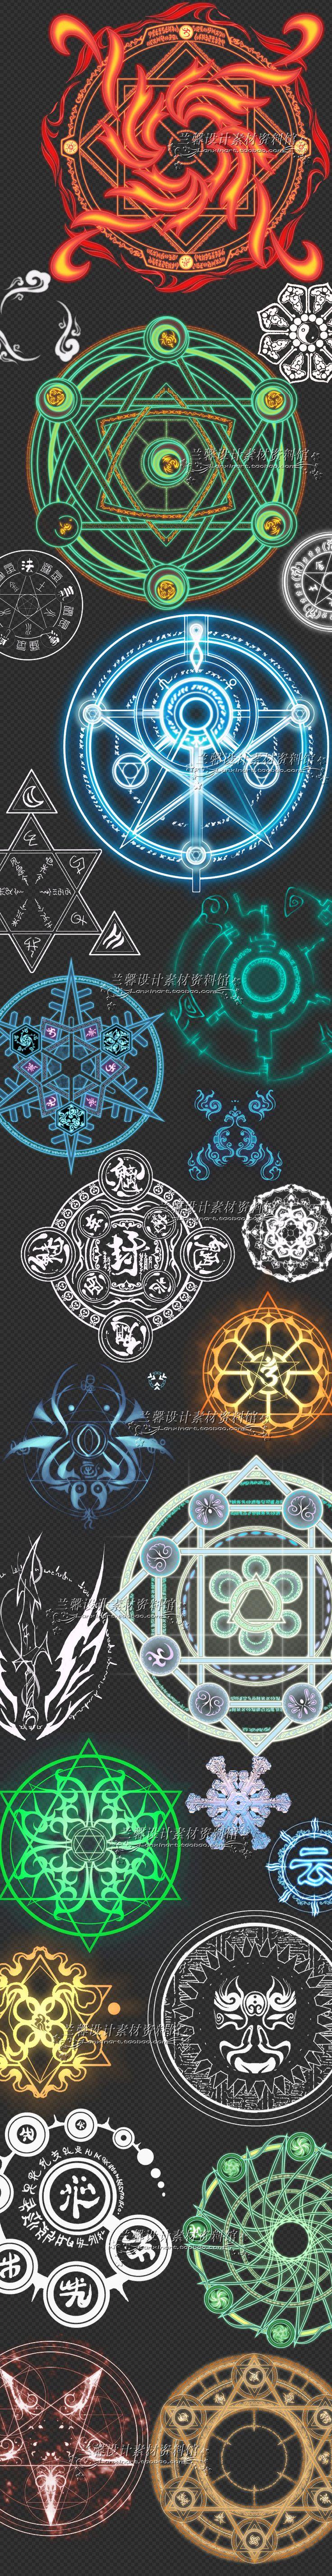 Δ✡~GeometríaSagrada~✡Δ۞ ⊰❁⊱ Mandalas ⊰❁⊱